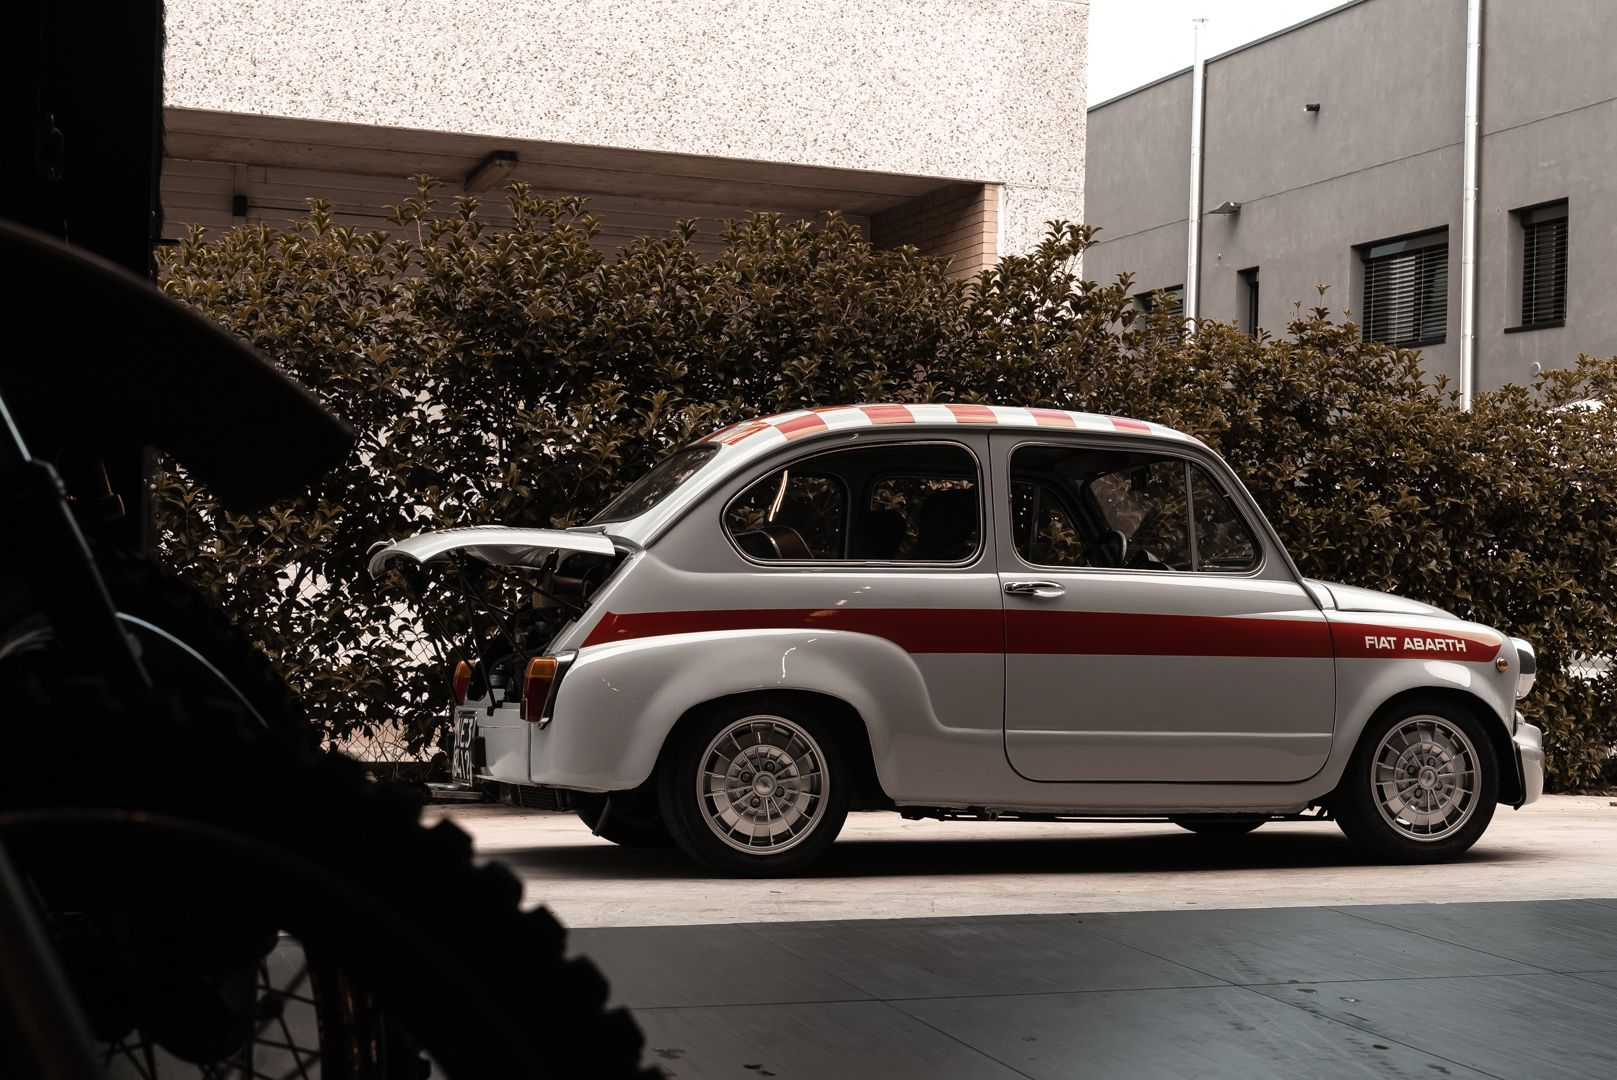 1967 Fiat 600 D Abarth Replica 80468